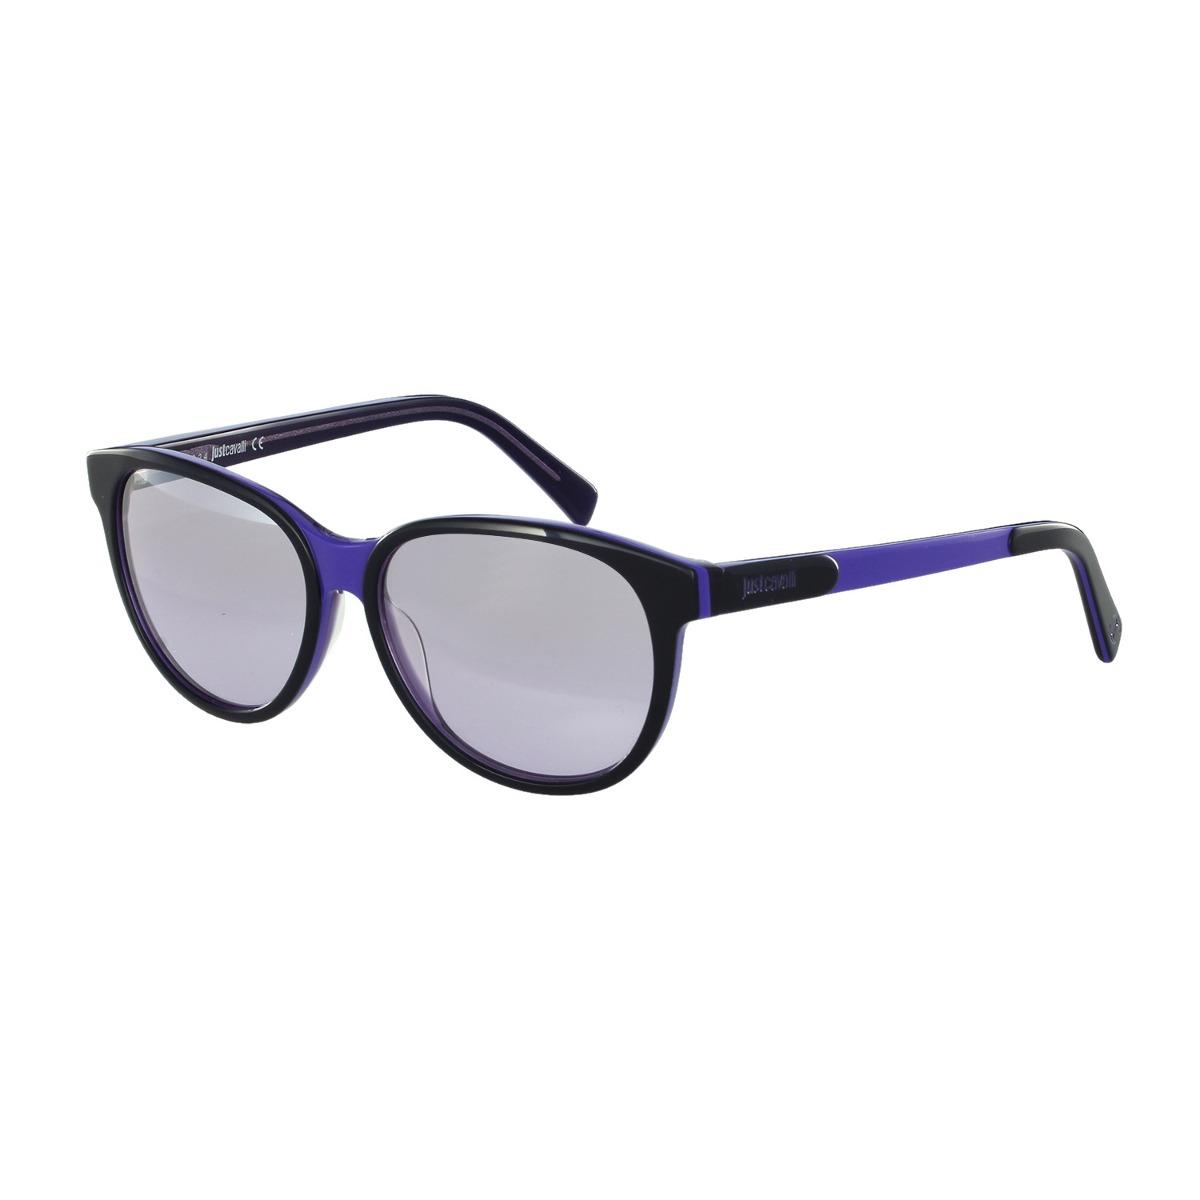 a90a0eb5ff61f Óculos De Sol Just Cavalli Fashion Roxo - R  650